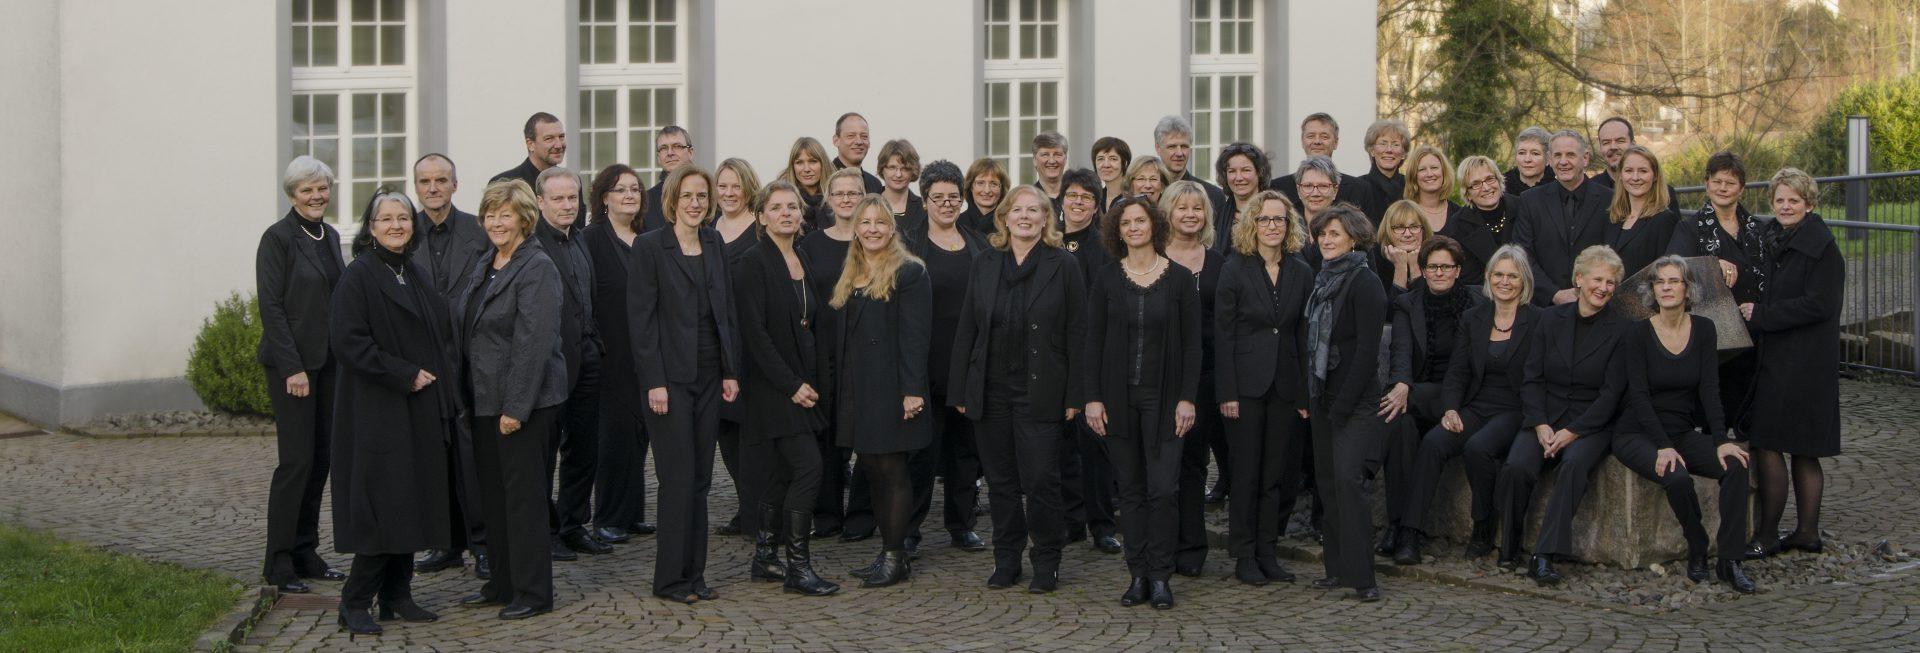 Chor tonart  e. V. - Mitglied im Verband deutscher Konzertchöre VDKC